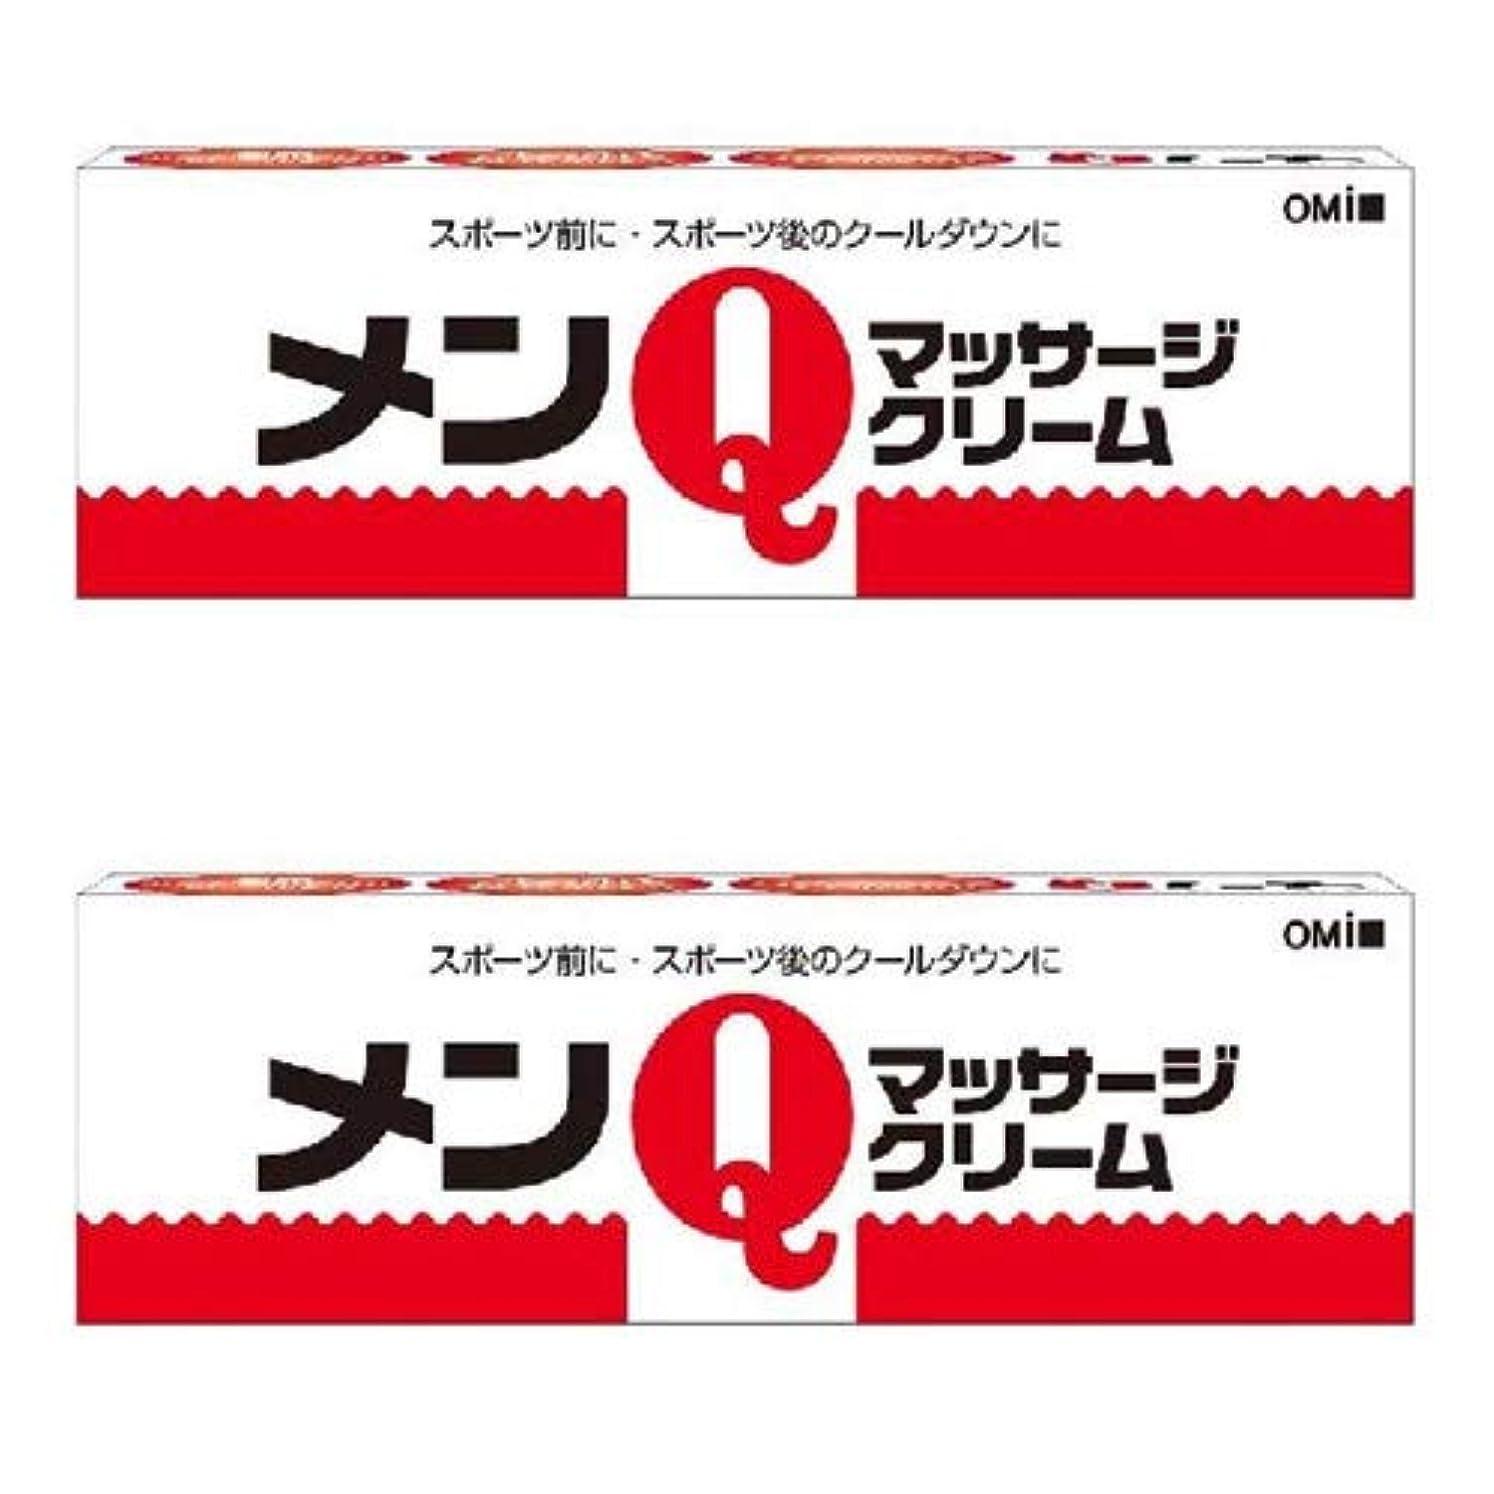 繊維とても勝利近江兄弟社 メンQマッサージクリーム 65g×2個セット